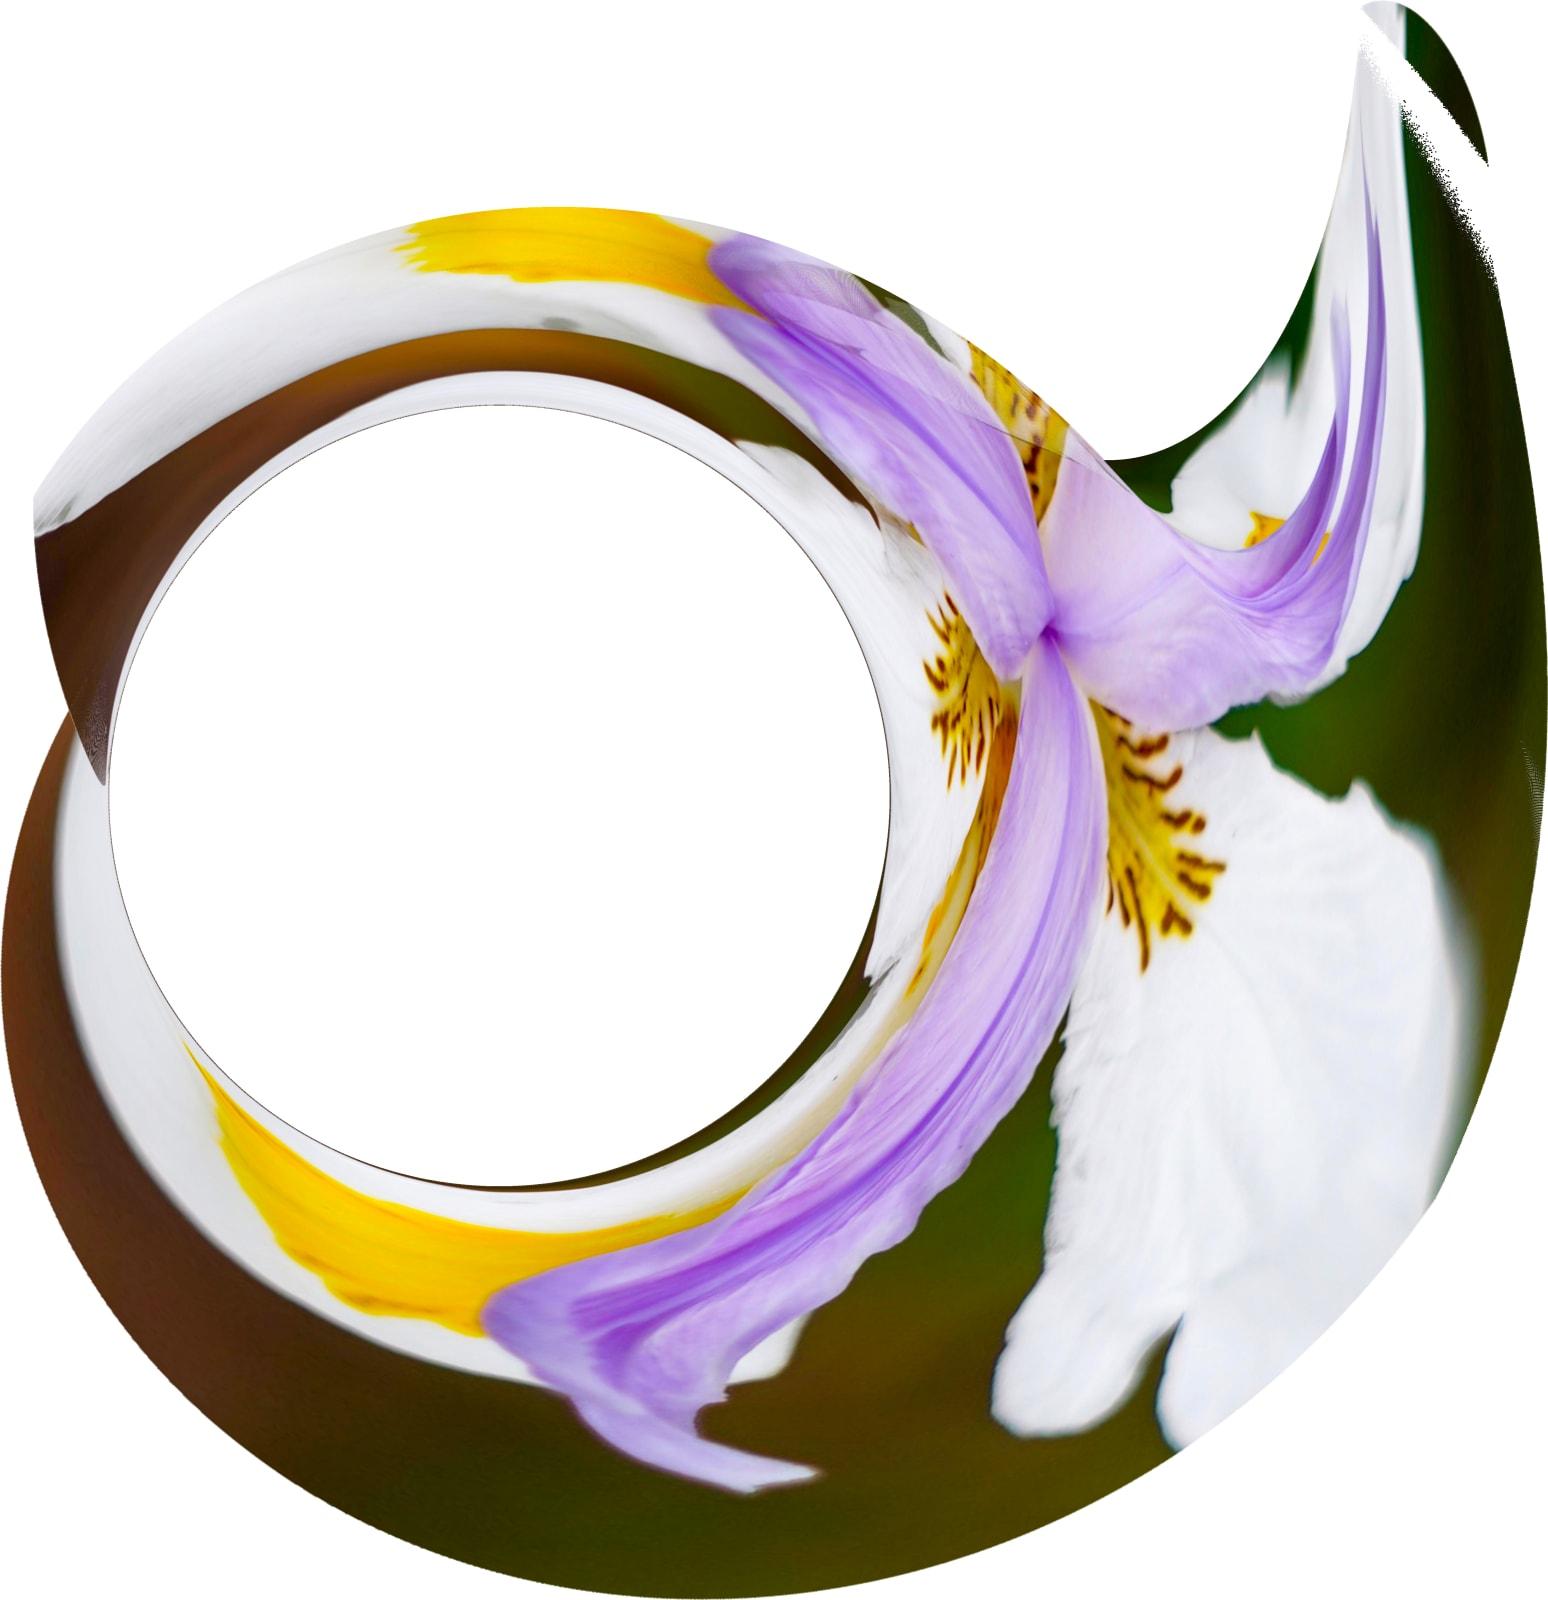 Flower Spiral, 2021